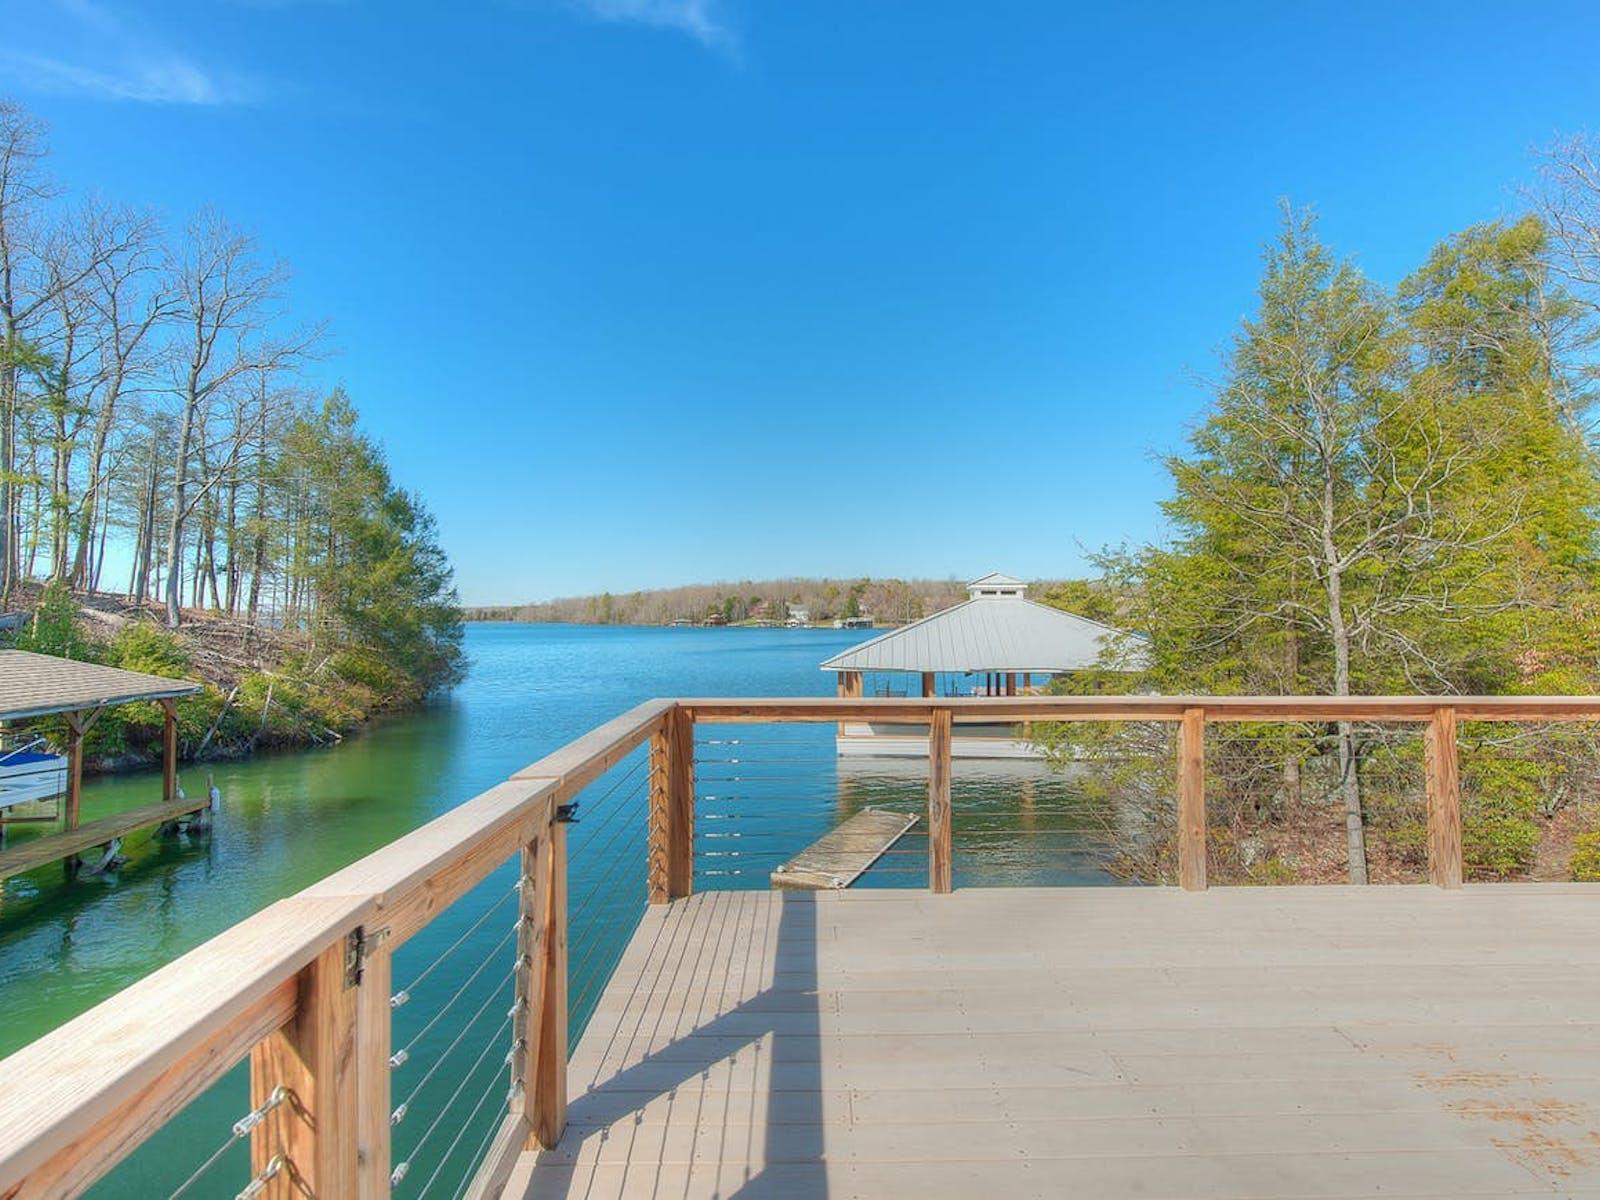 Upper deck of vacation rental overlooking water in Mineral, VA